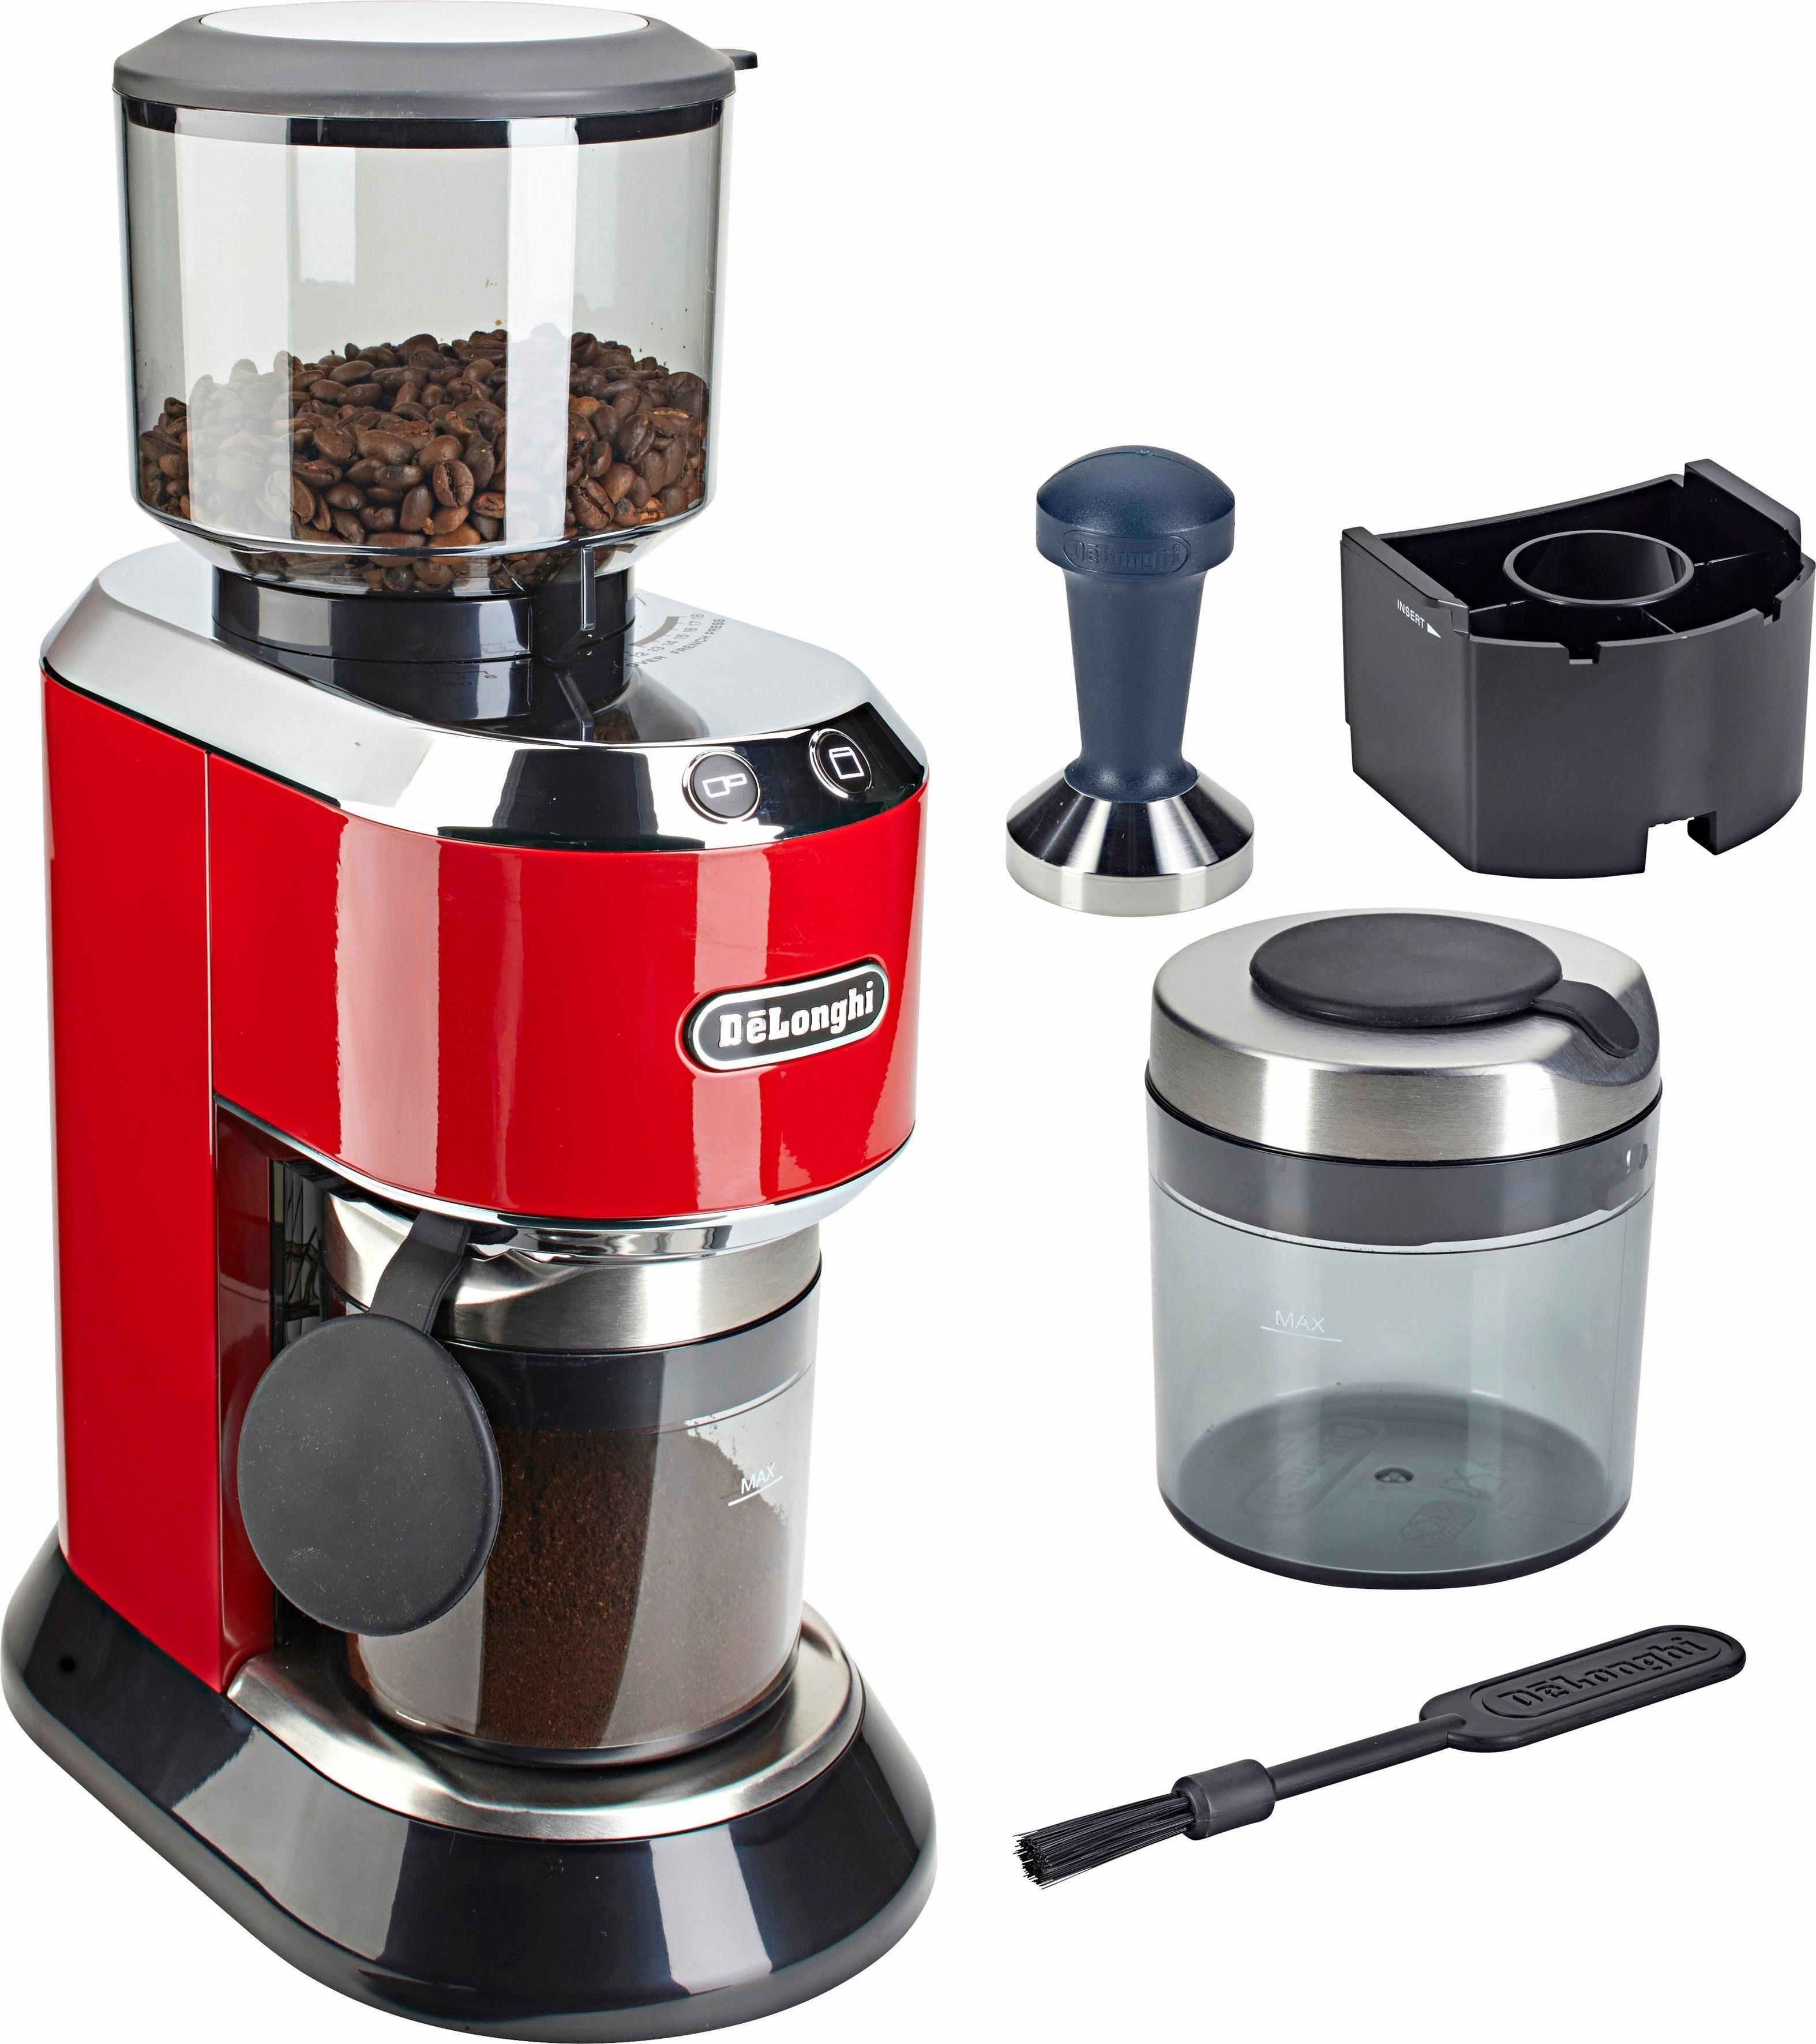 De'Longhi koffiemolen Dedica KG520.R